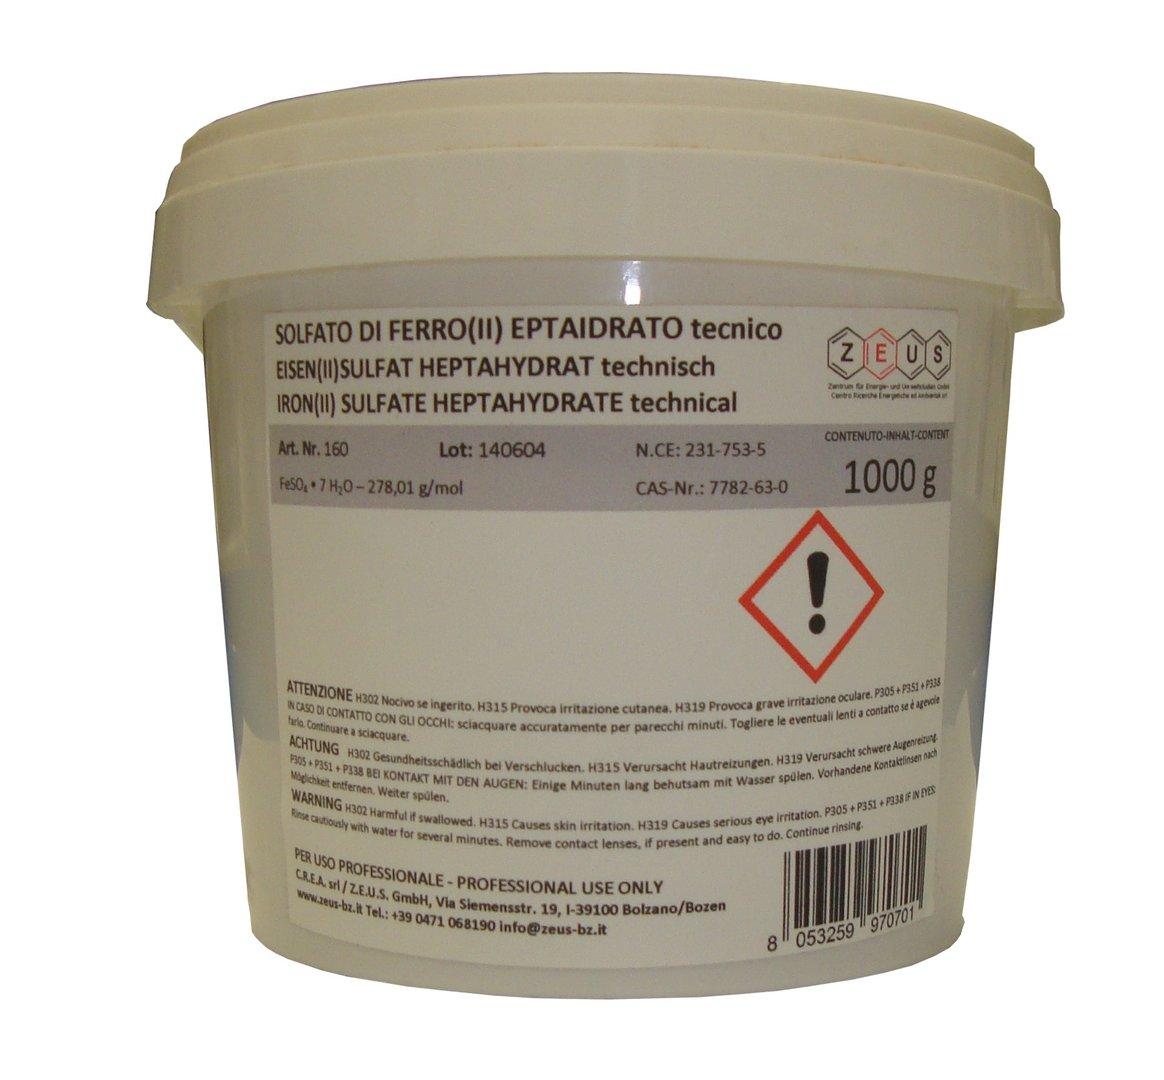 Solfato di ferro ii eptaidrato tecnico feso4 x 7 h2o for Prezzo del ferro vecchio al kg